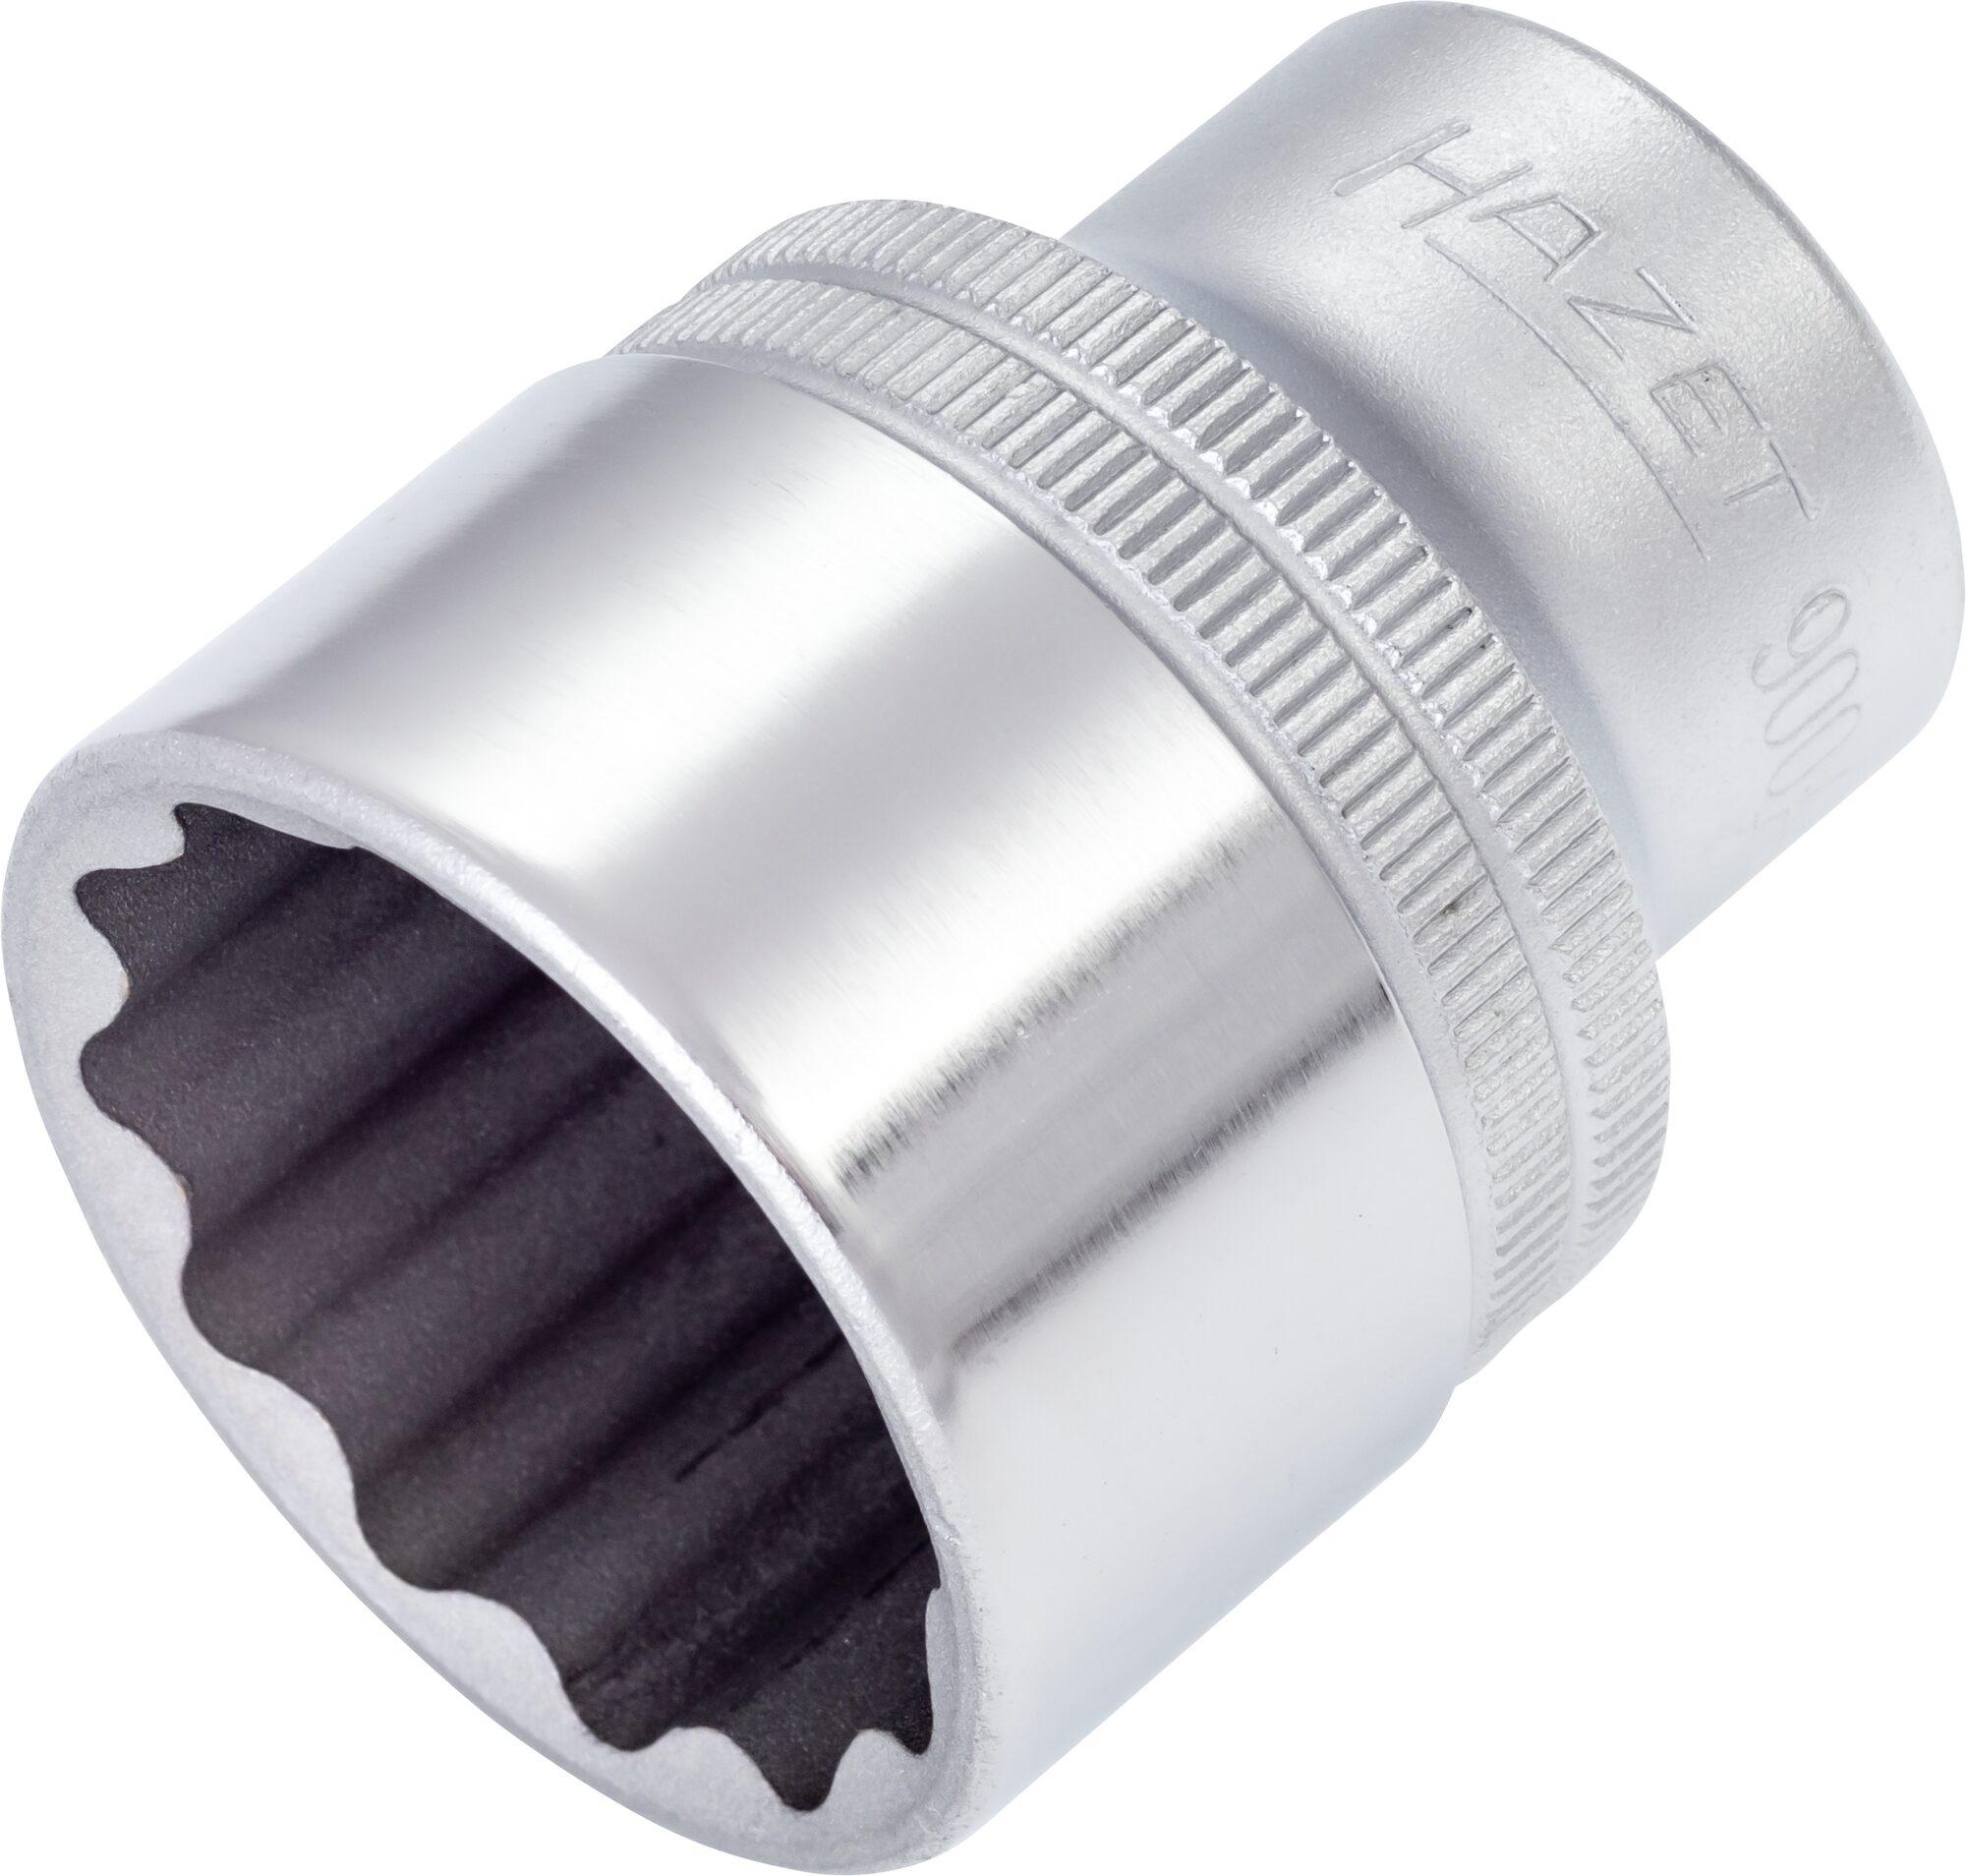 HAZET Steckschlüsseleinsatz ∙ Doppelsechskant 900AZ-1.1/8 ∙ Vierkant hohl 12,5 mm (1/2 Zoll) ∙ 1.1⁄8 ″